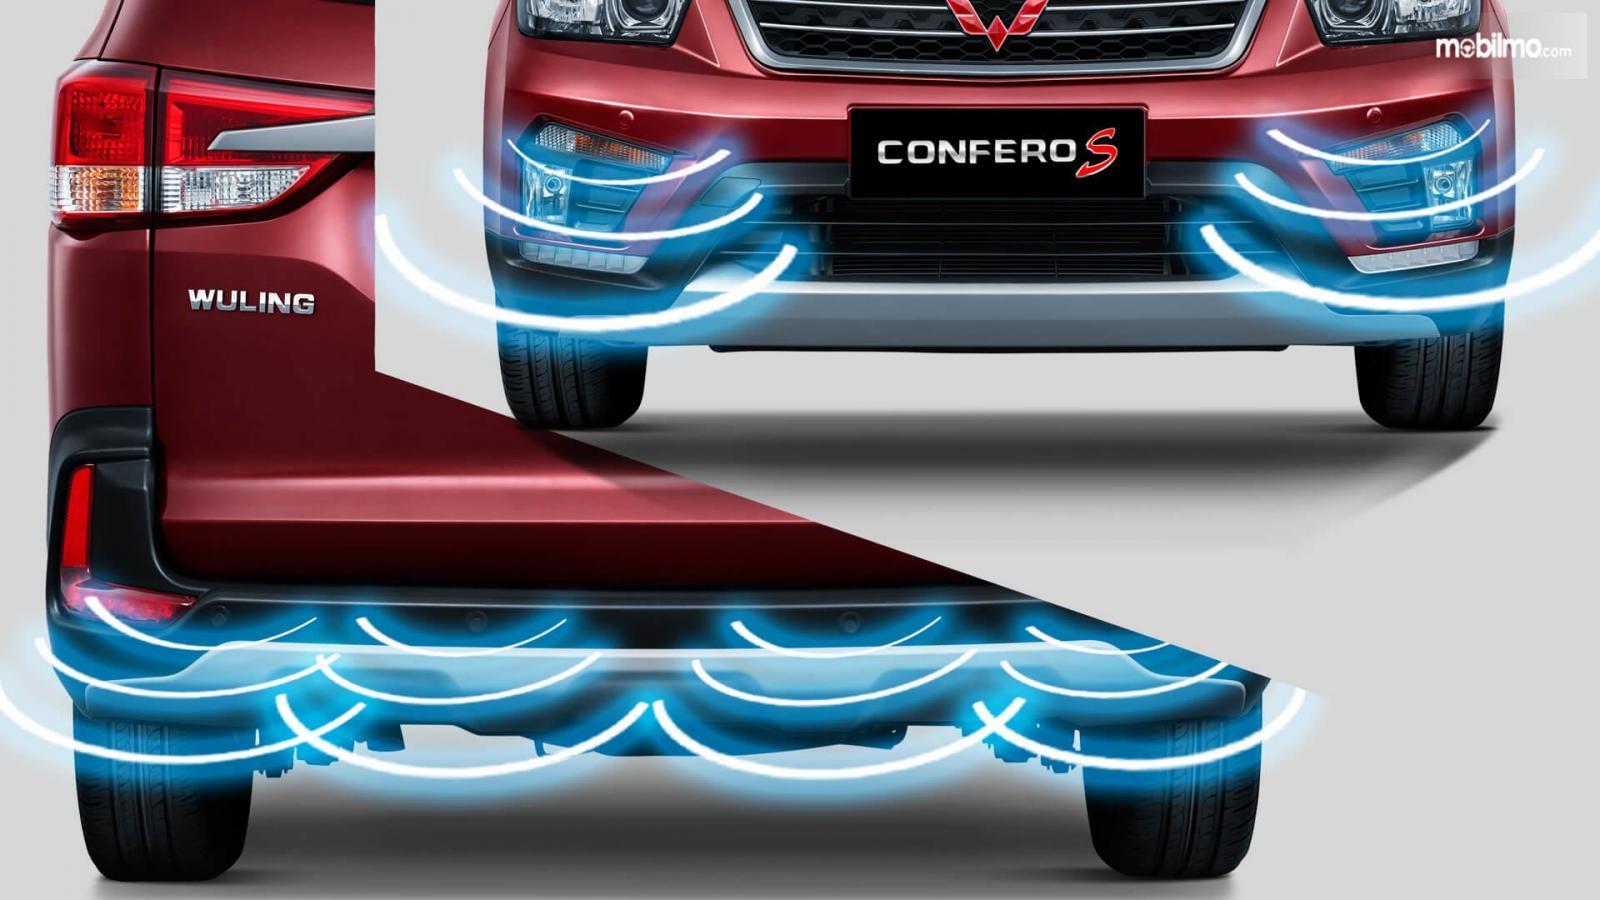 Gambar menunjukkan Sensor Parkir Wuling Confero S di bagian depan dan belakang